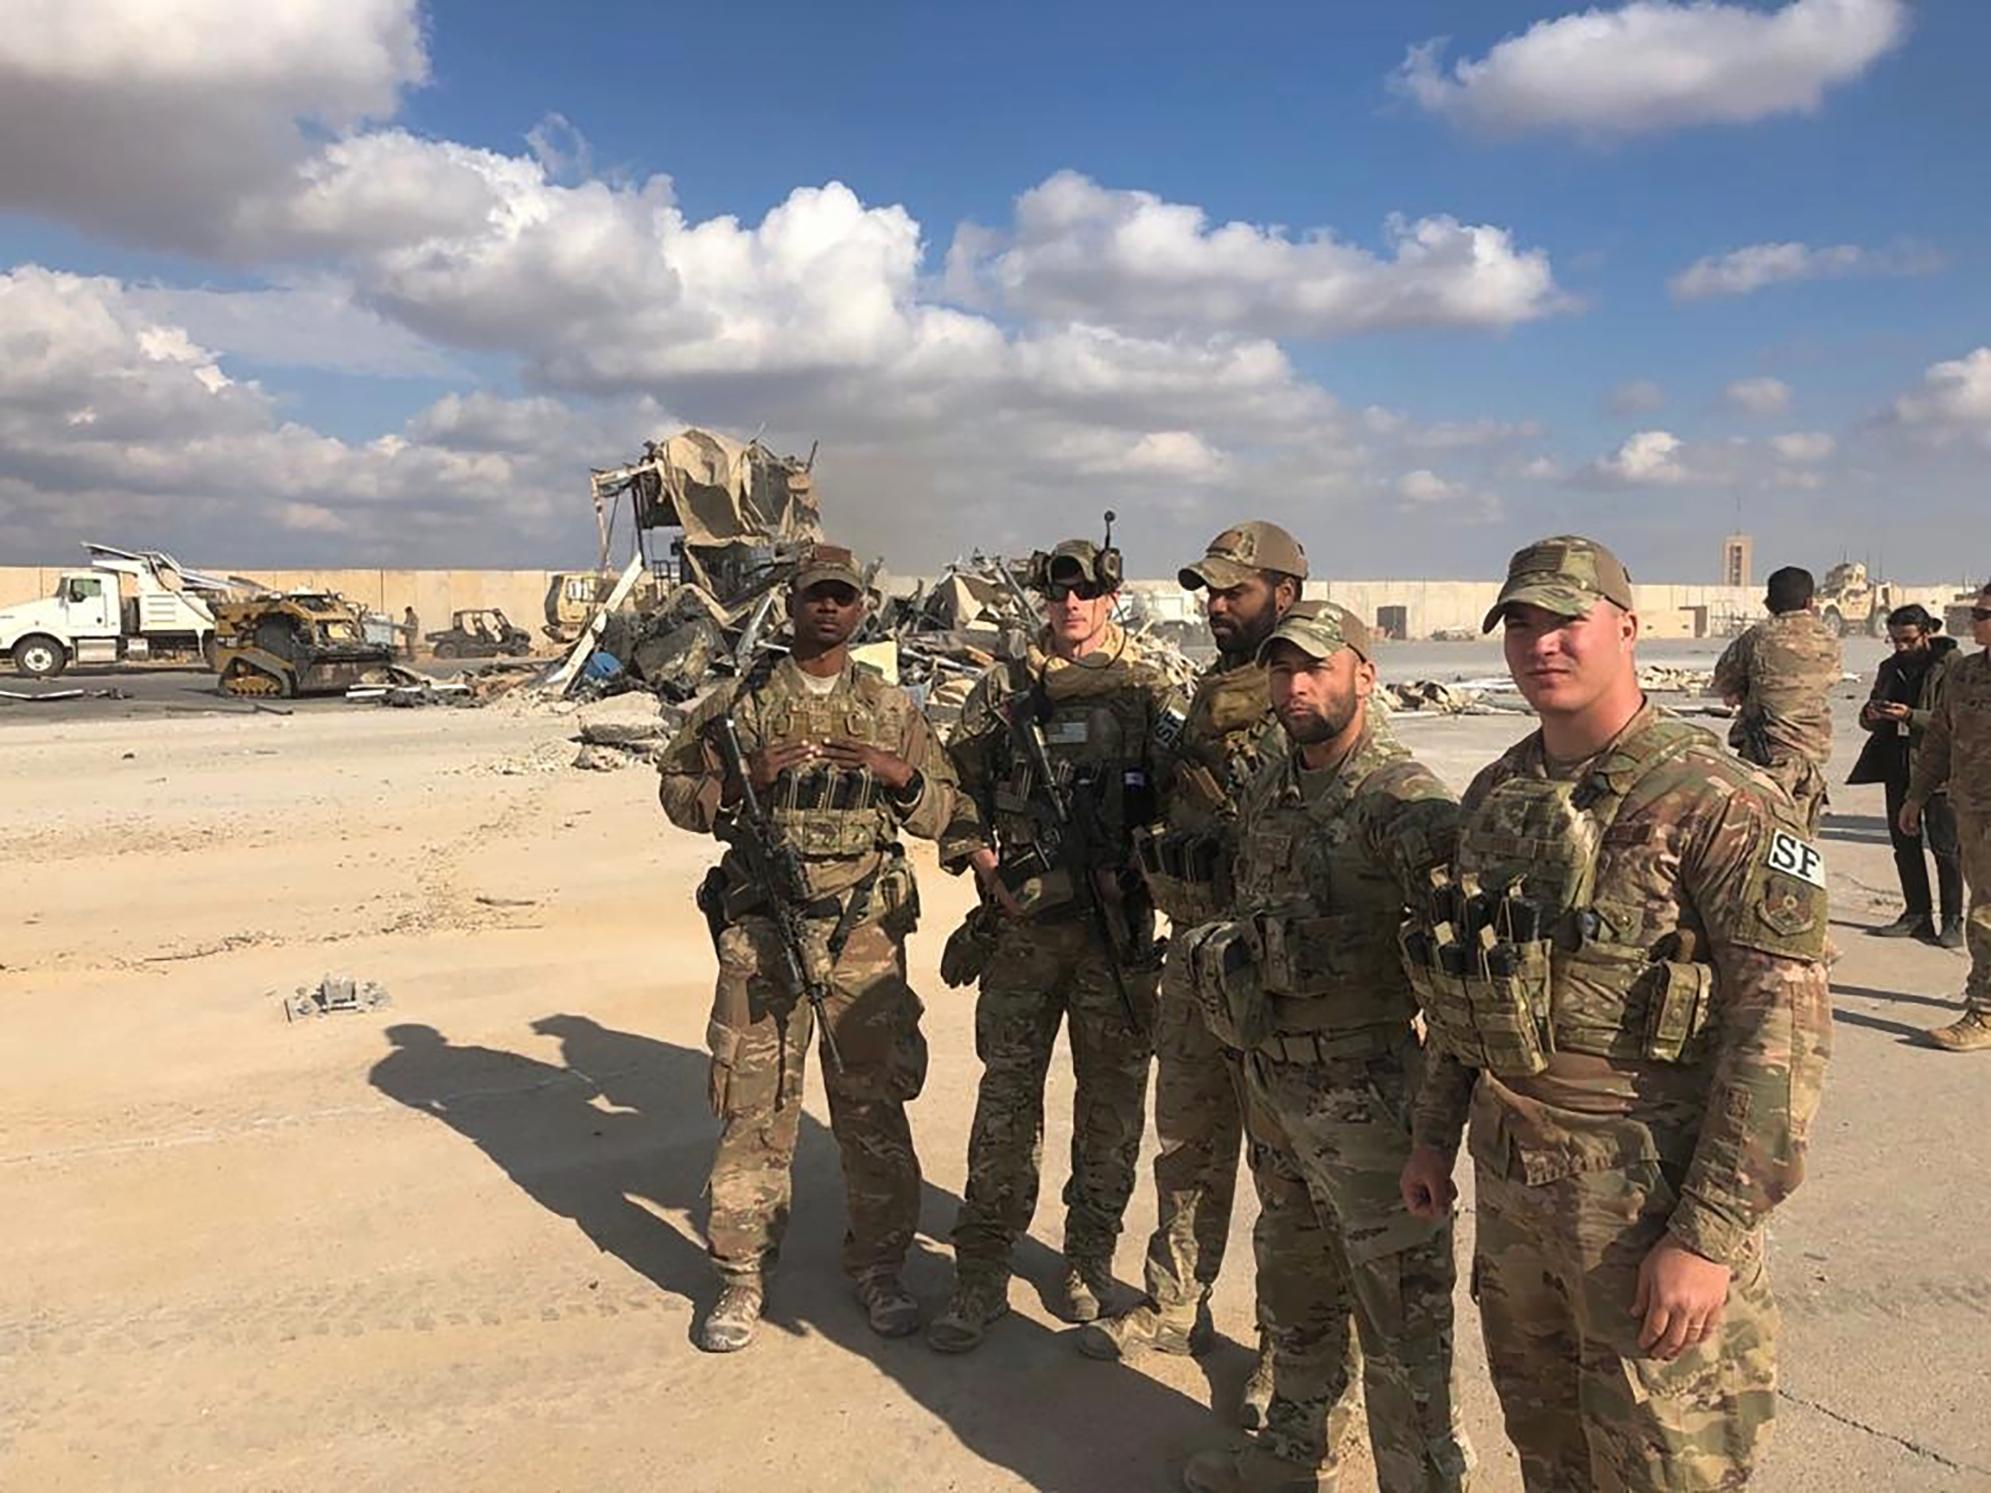 Máy bay không người lái tấn công gần nơi binh lính Mỹ đóng quân - Ảnh 1.